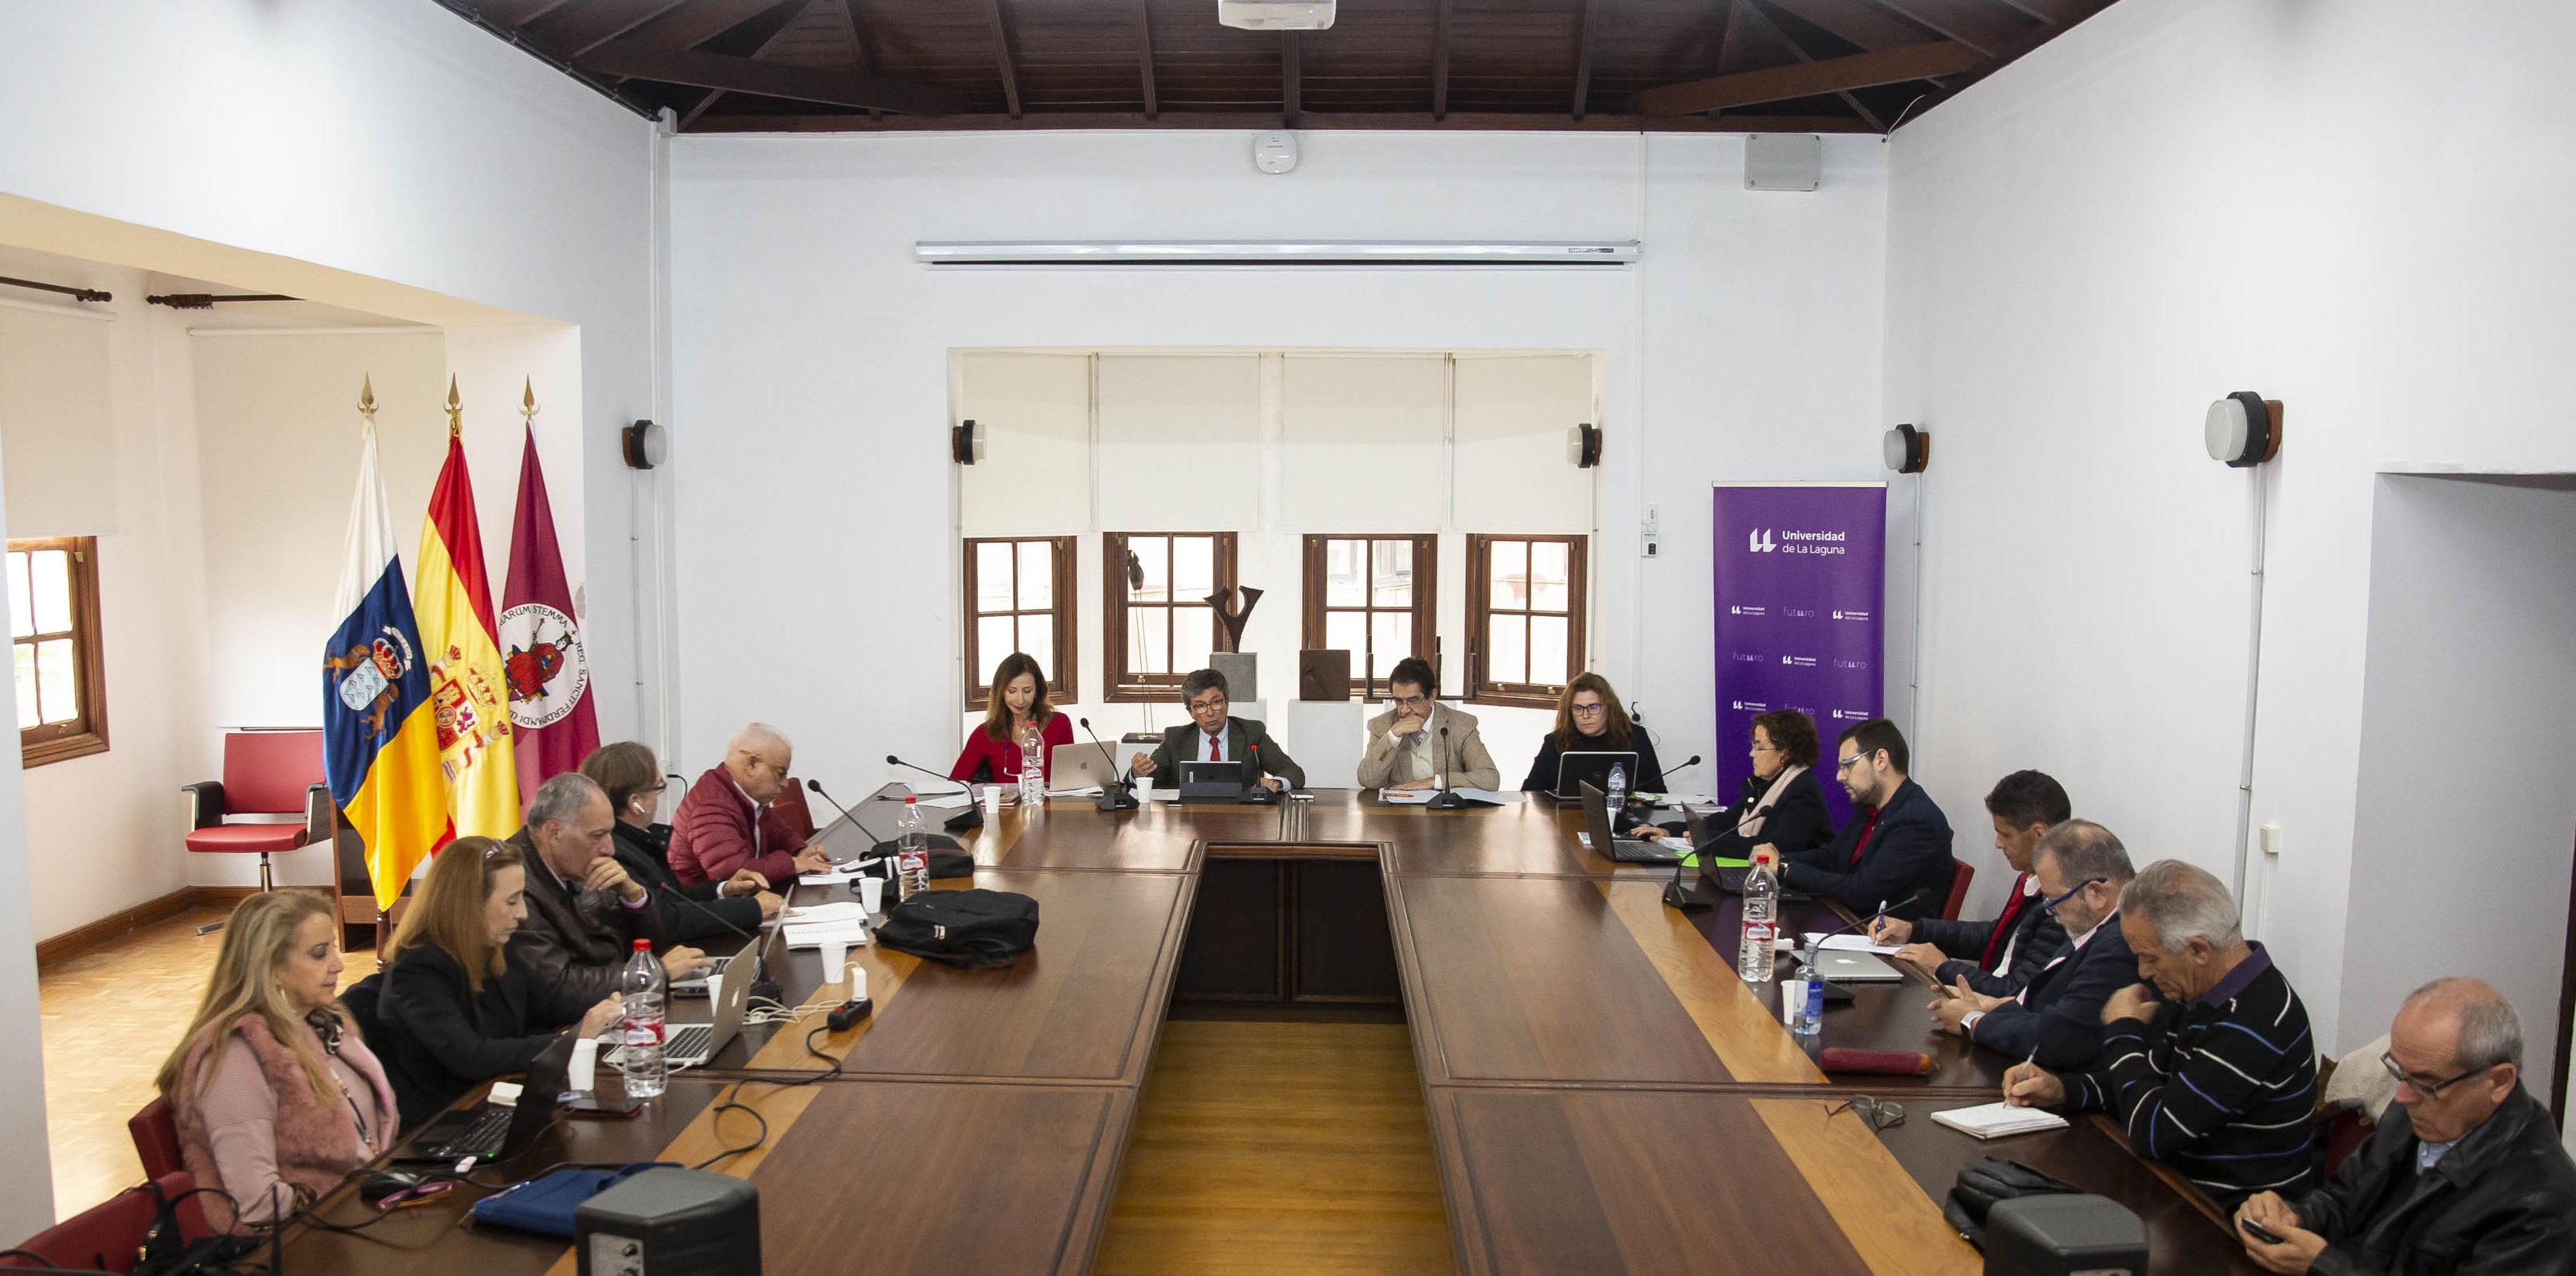 El Consejo Social de la ULL aprueba mejorar la formación en Gastronomía y en Dirección y Gestión Hotelera